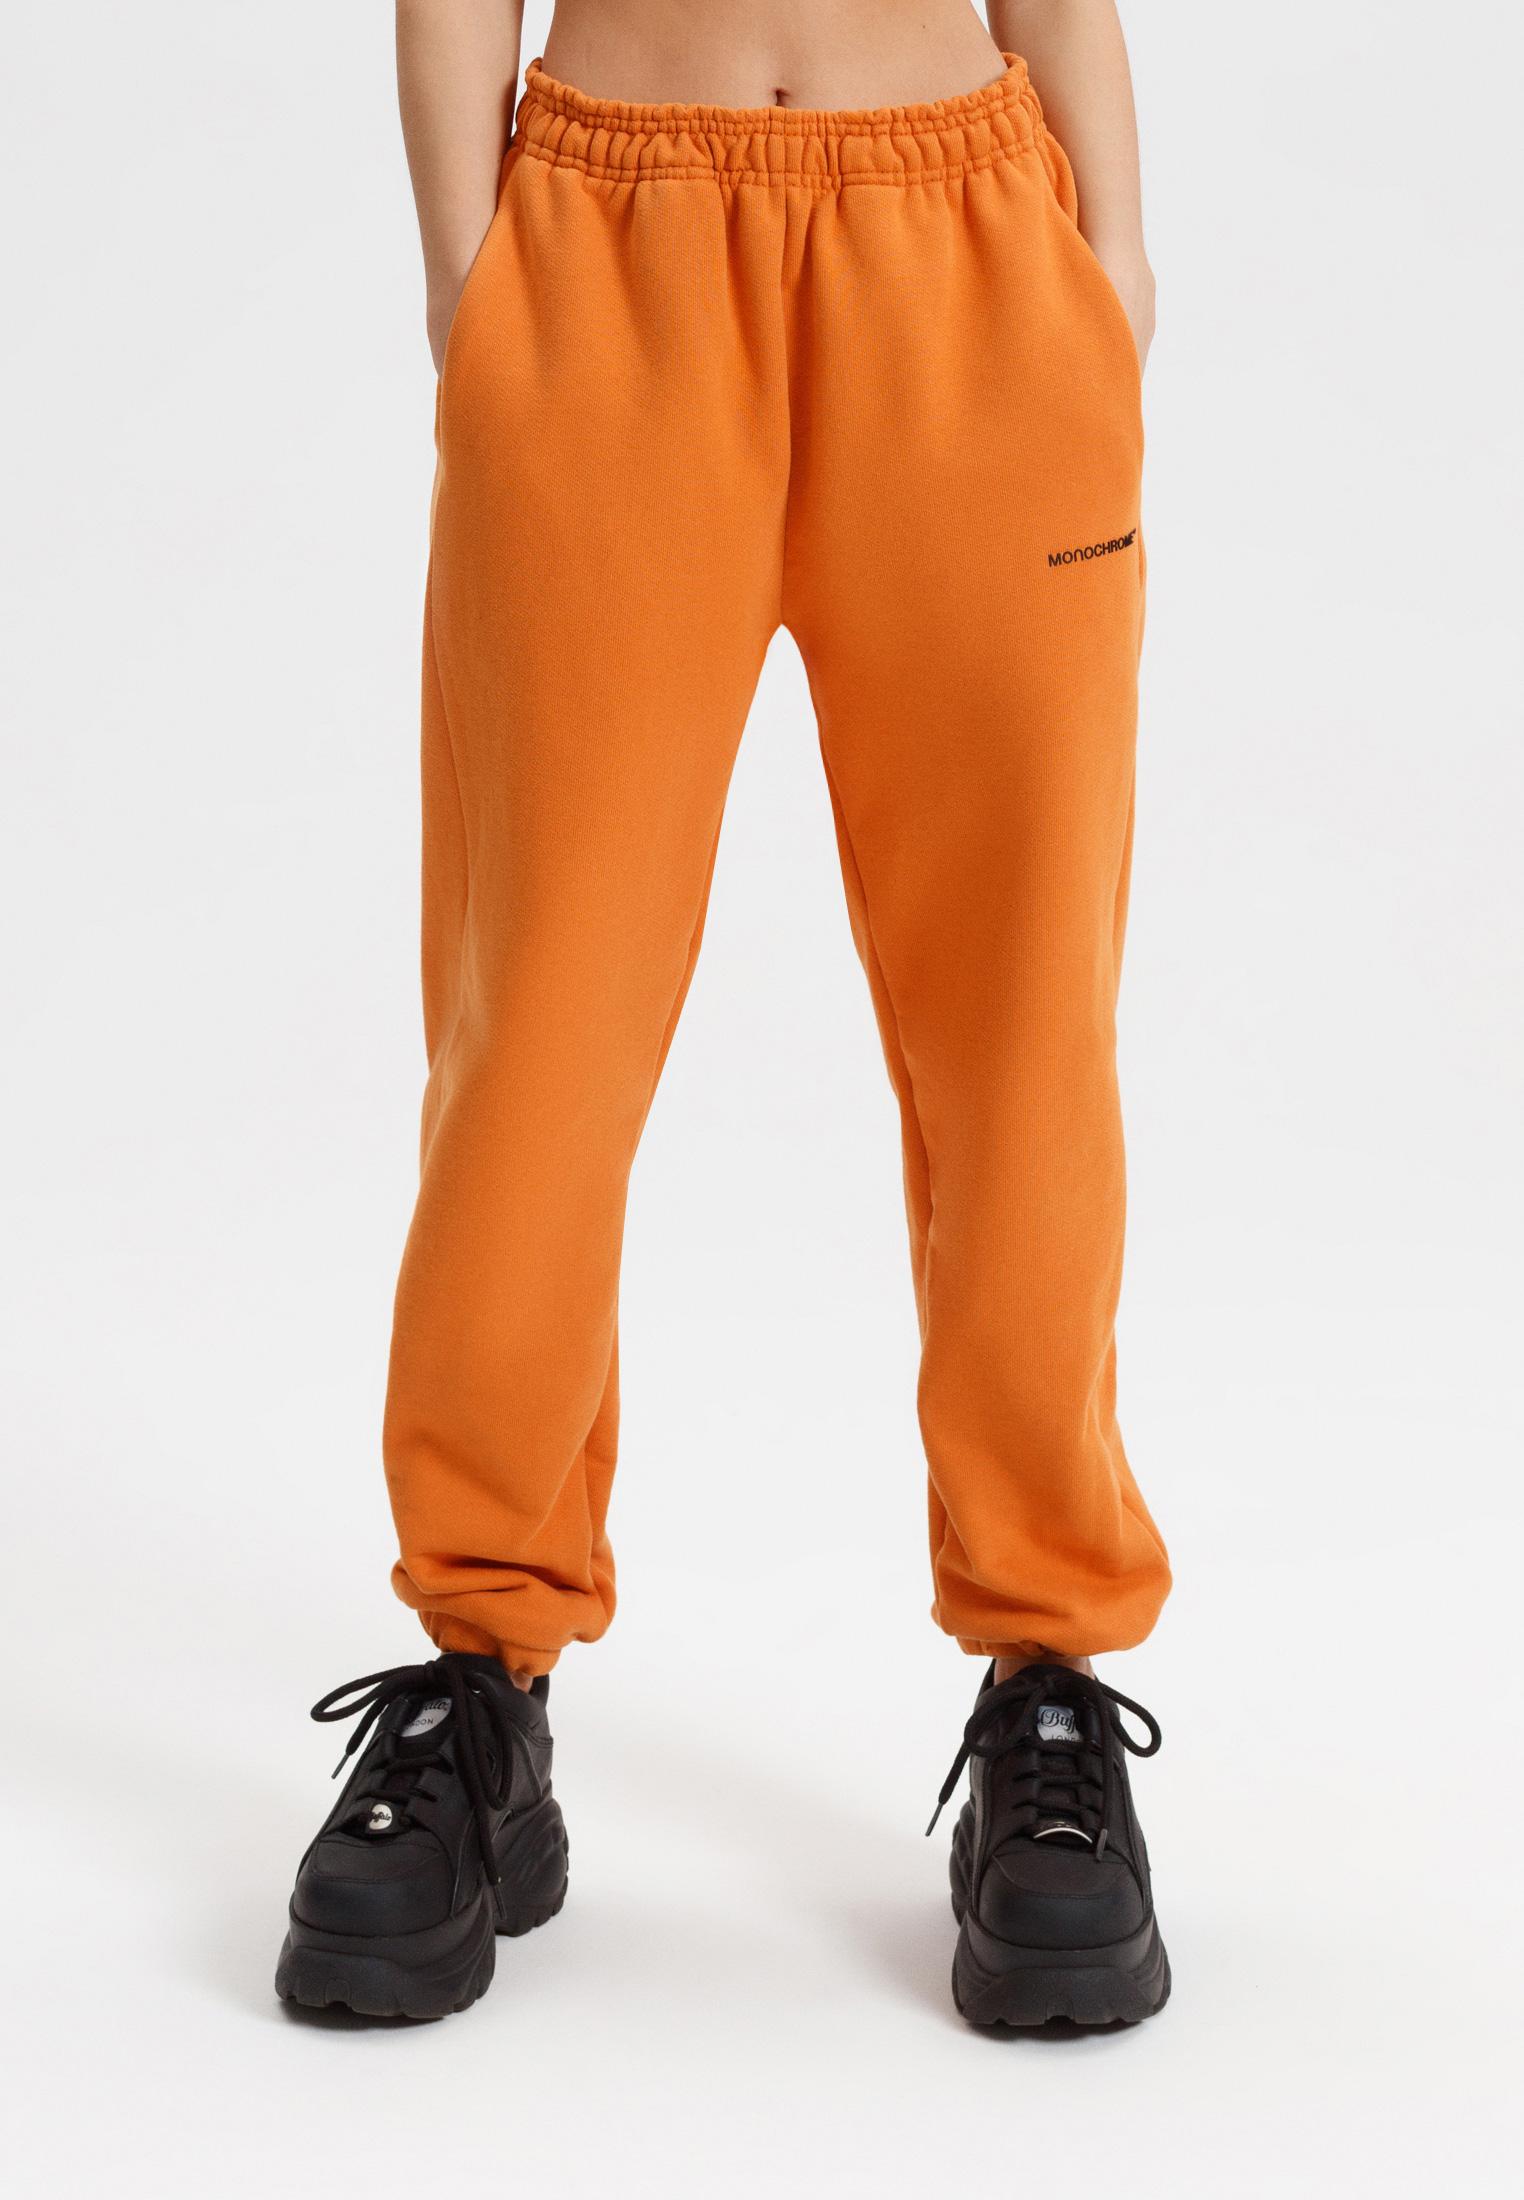 Женские спортивные брюки Monochrome M019-LUX-PNTS-SNDL